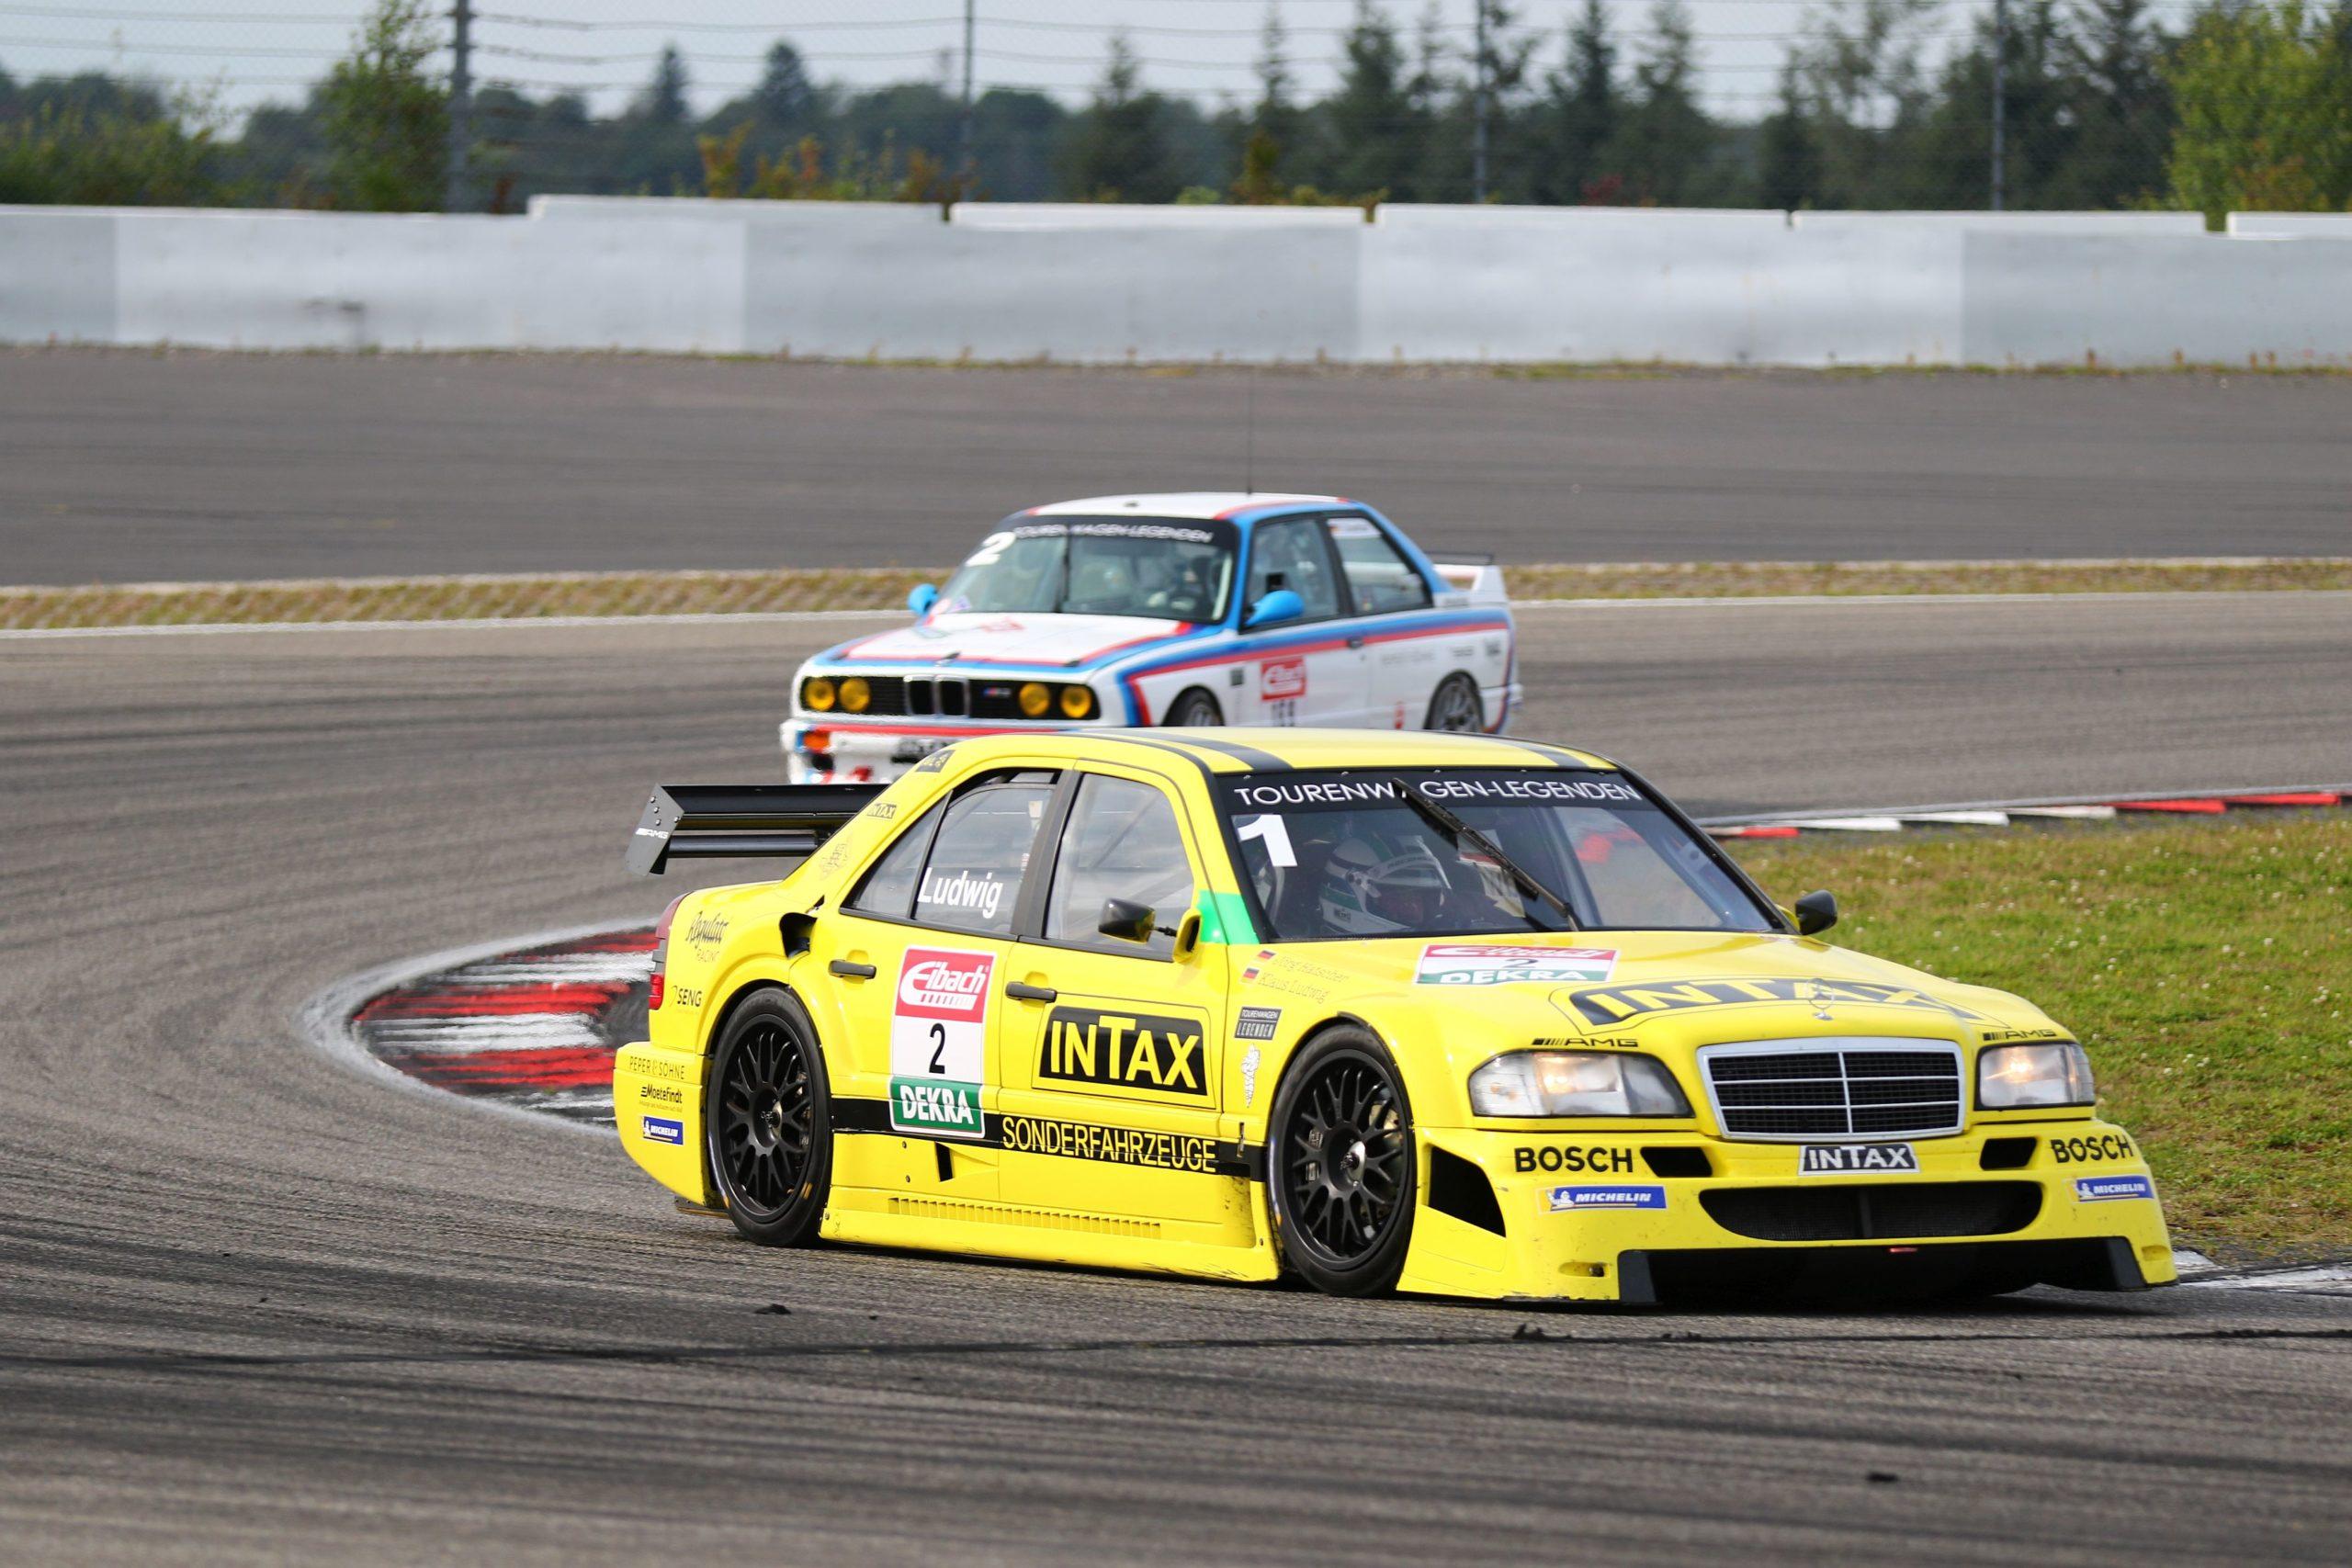 2021-DTM-Classic-Nuerburgring-tst-sport-und-technik-Mercedes-Benz-C-Klasse-Klaus-Ludwig-2117110